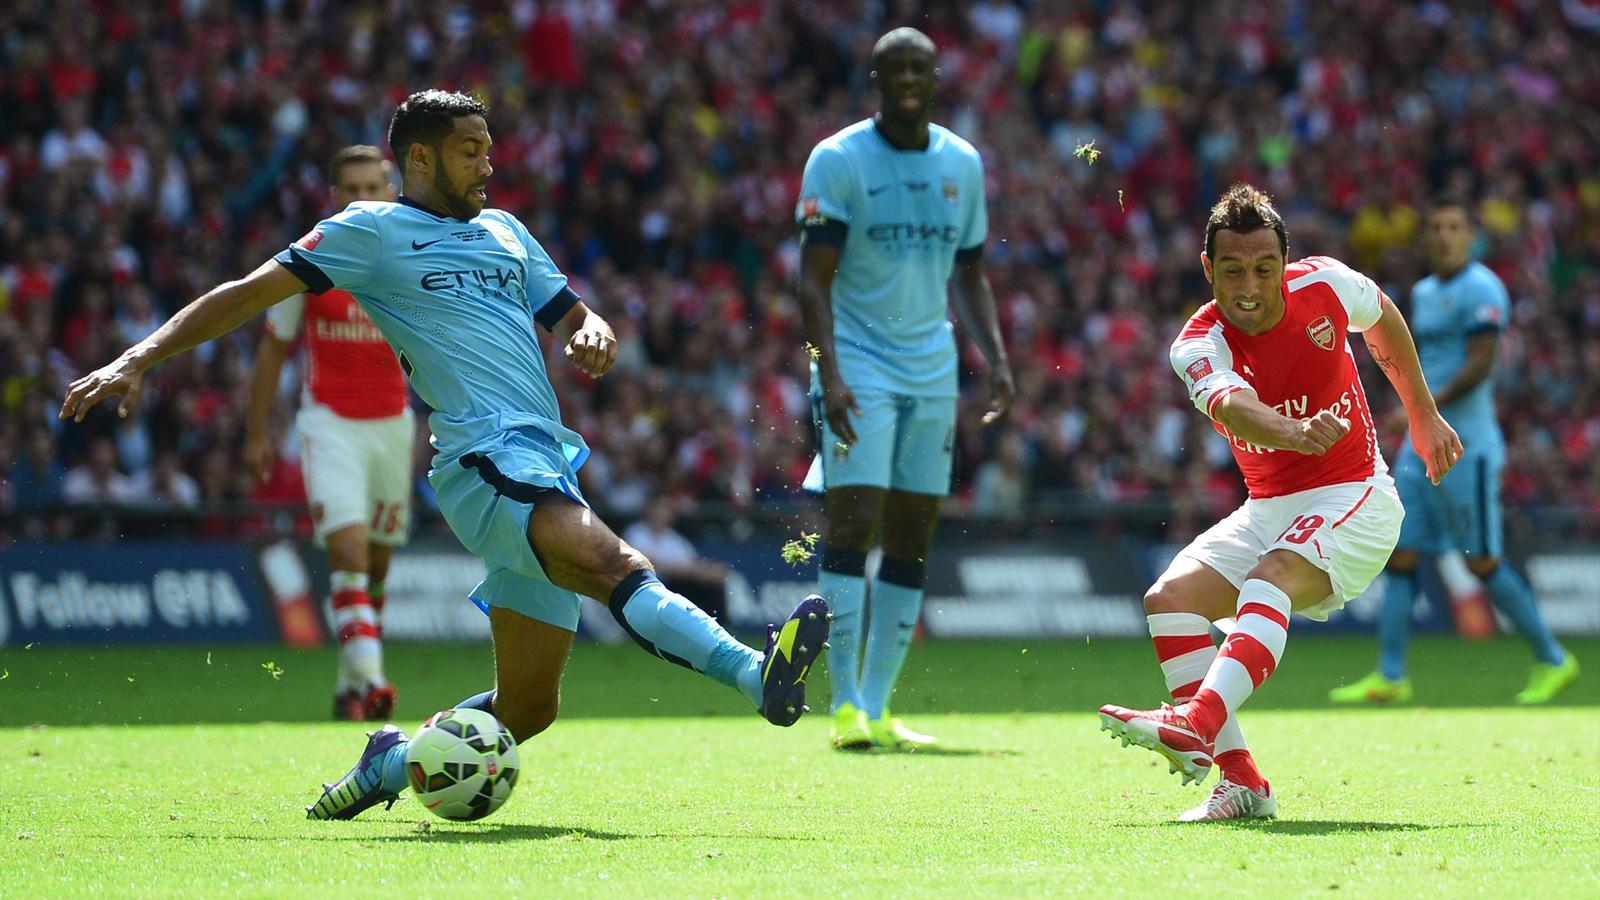 Arsenal reprend avec un nouveau trophée en dominant Manchester City (3-0)